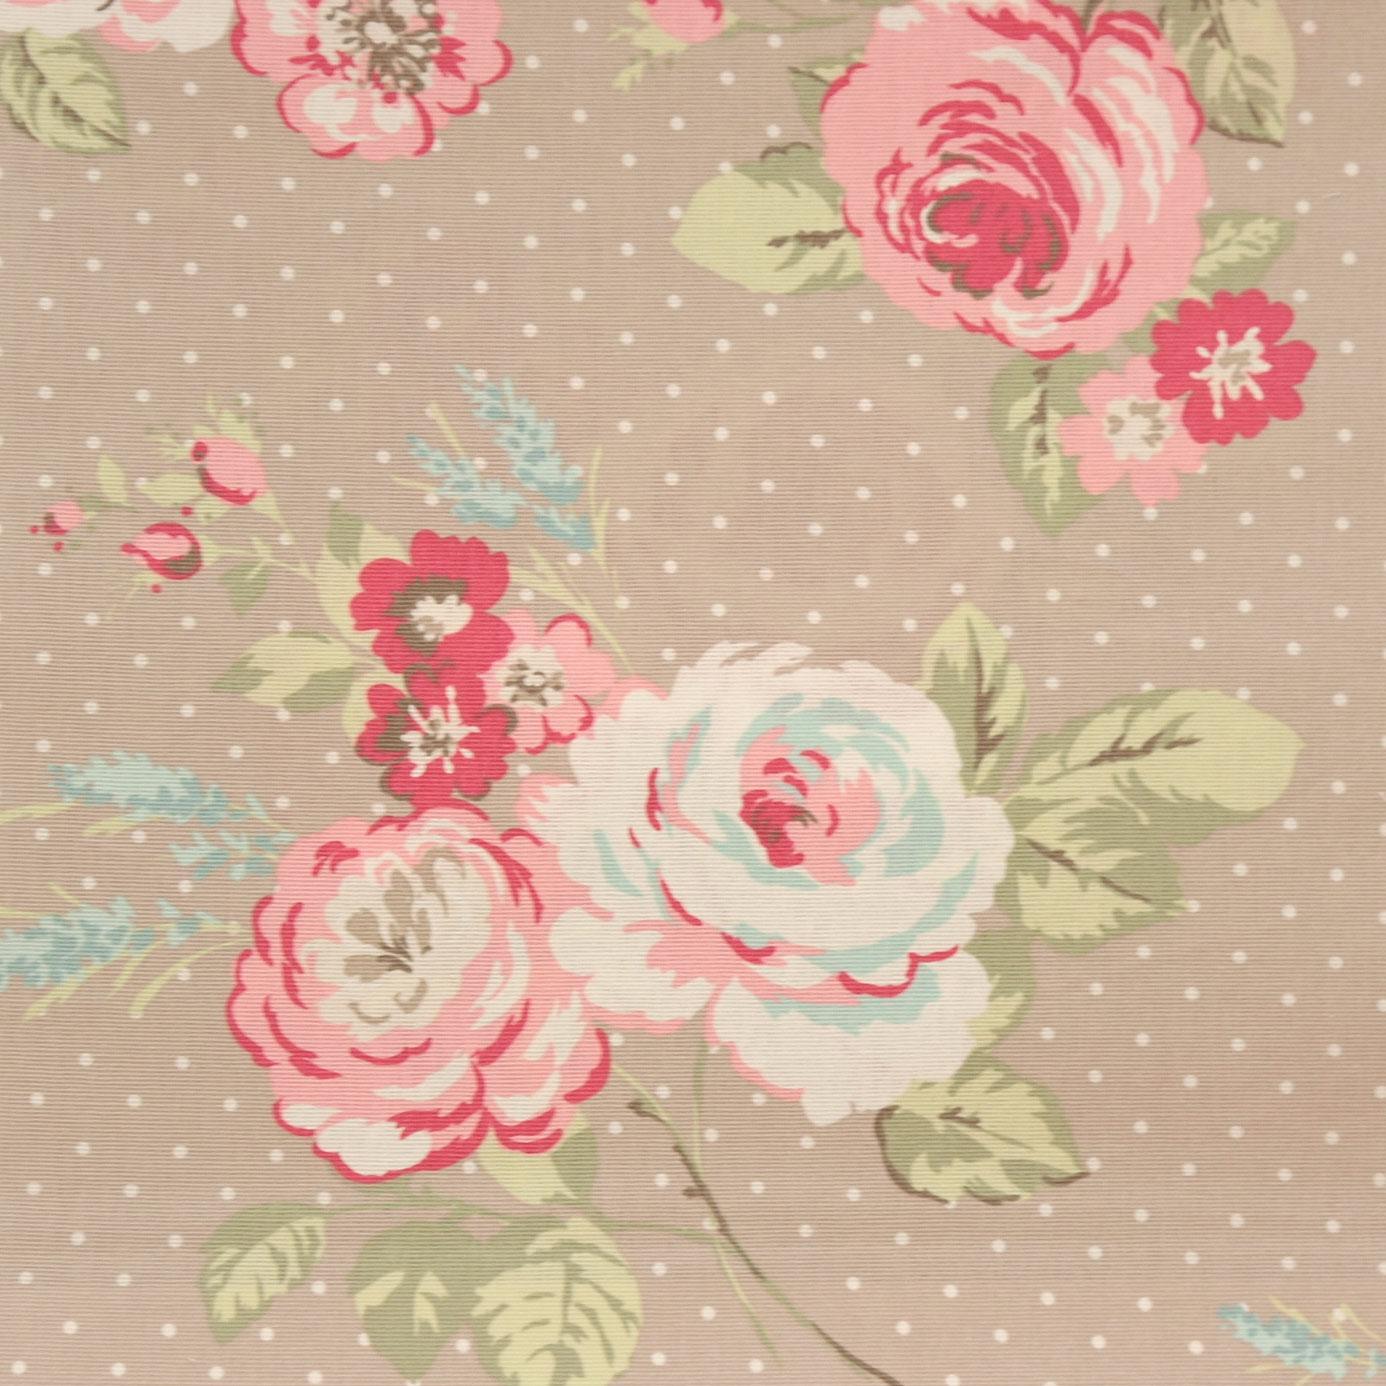 Vintage Rose Fabrics 87